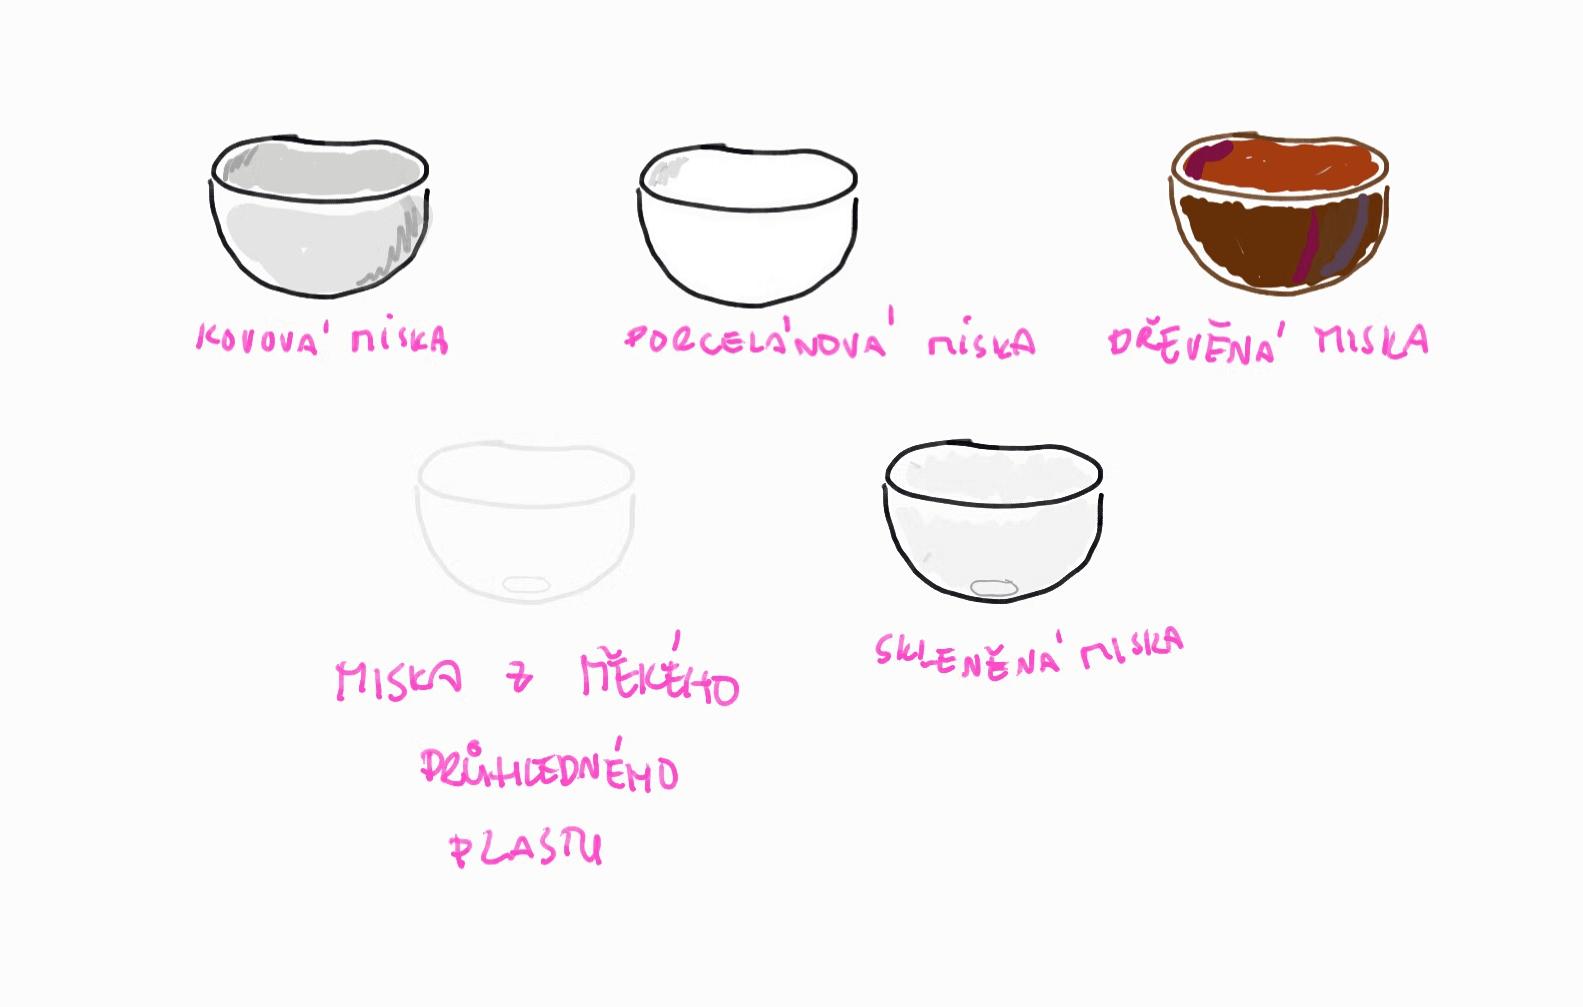 Různé zpracování misky, například použití různých materiálů.